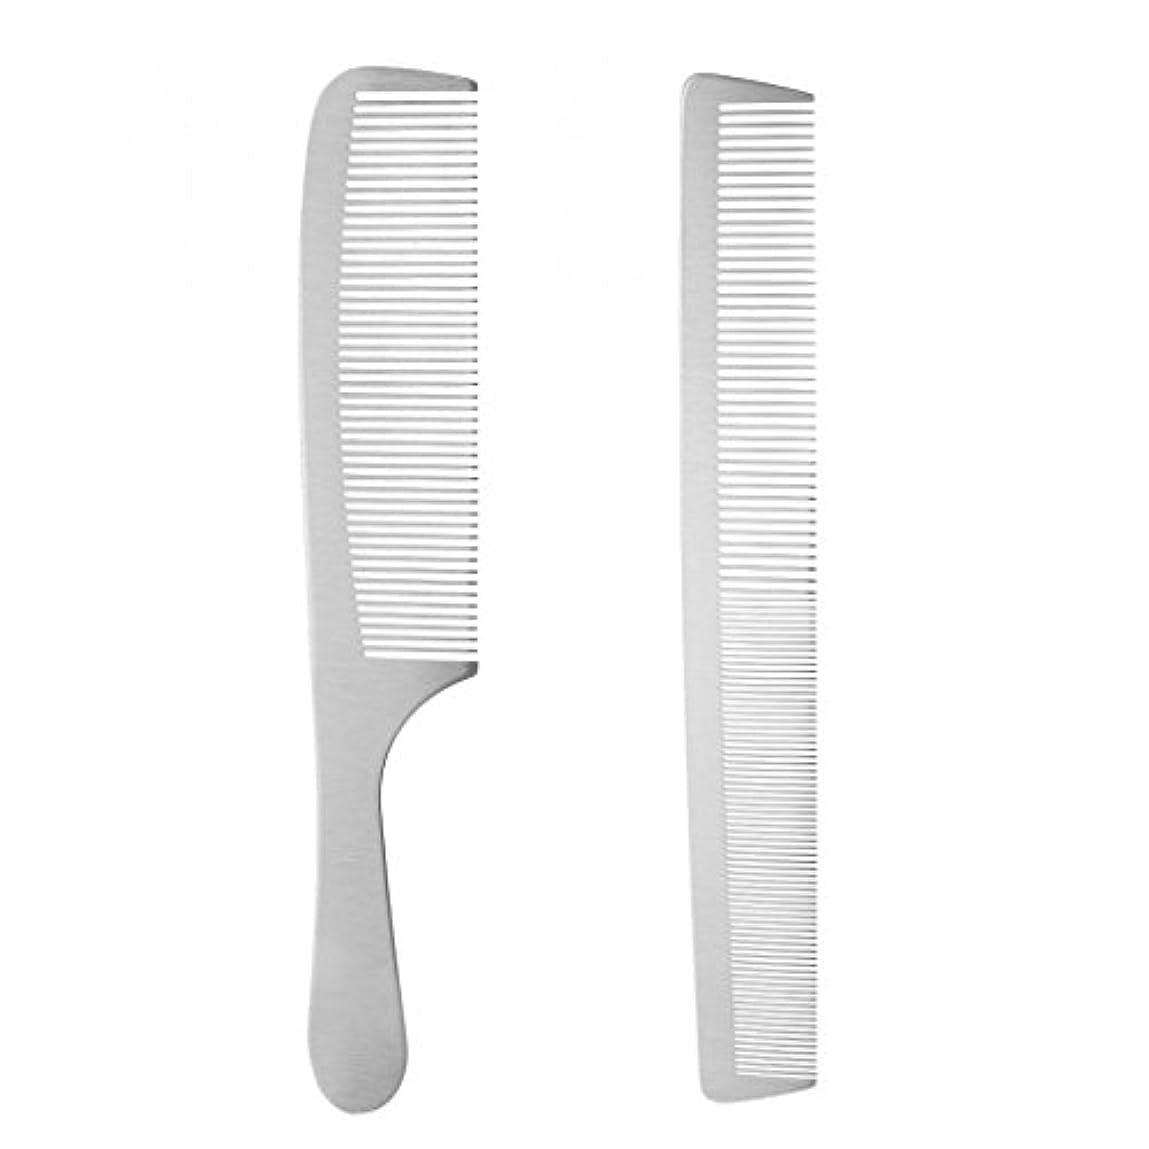 折り目狂った解決する2個 ヘアスタイリング ヘアカットコーム 櫛 ヘアブラシ ステンレス鋼 サロン 理髪師 カッティング 耐久性 耐熱性